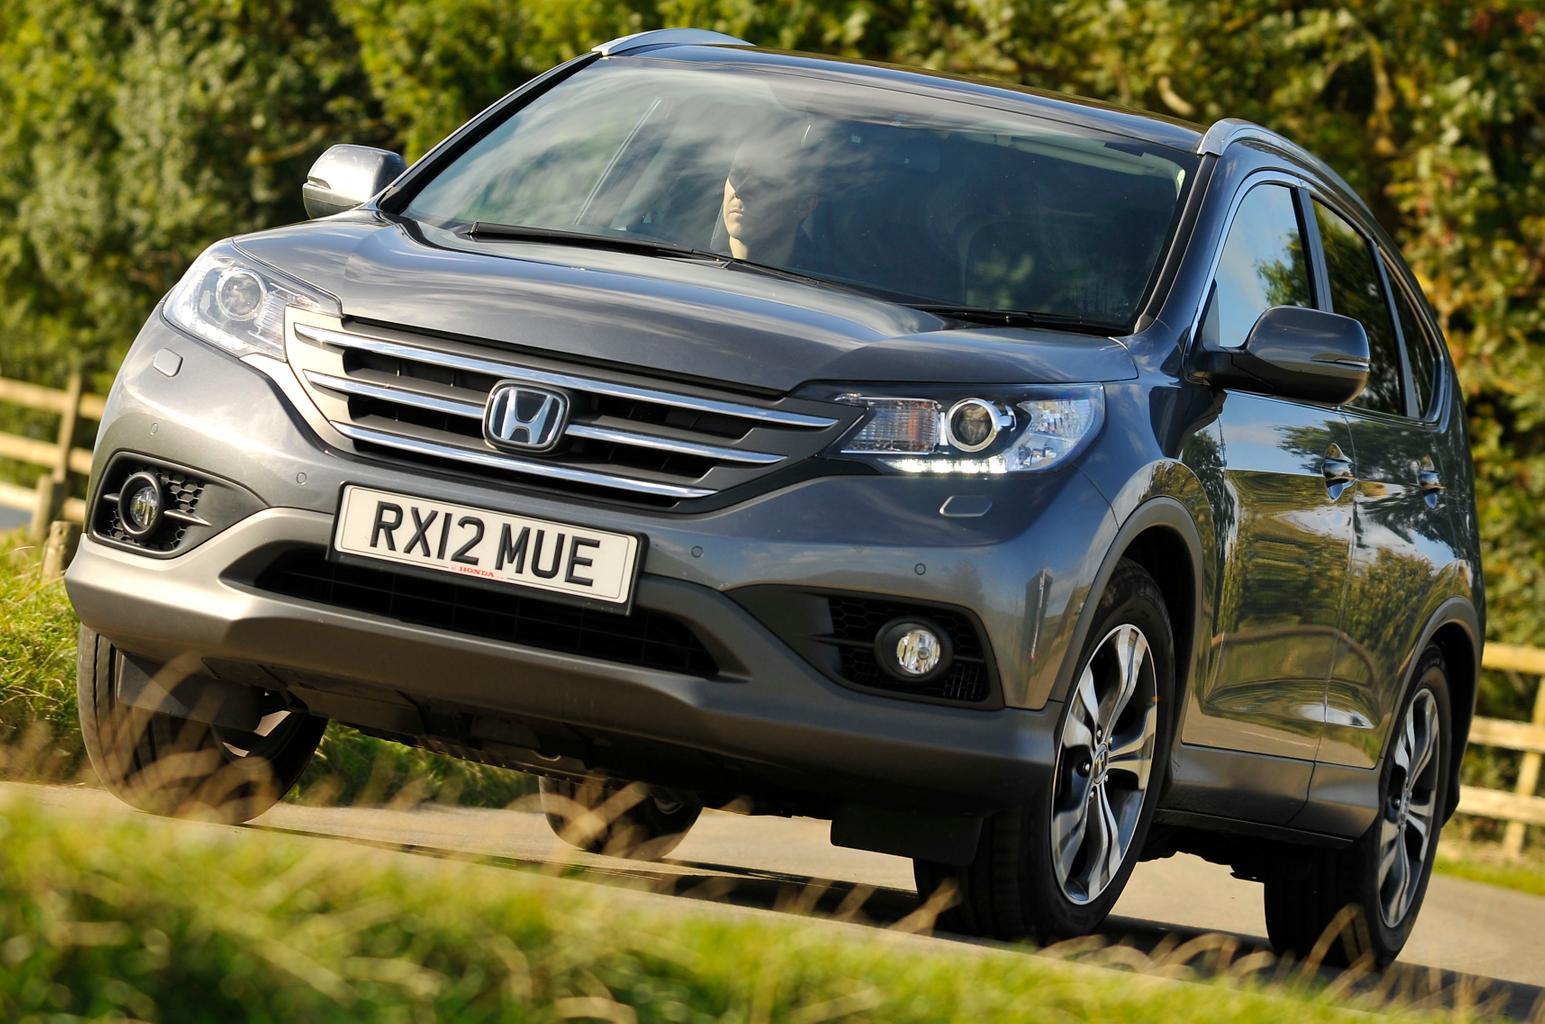 Used test – dependable SUVs: Honda CR-V vs Kia Sportage vs Mazda CX-5 vs Volkswagen Tiguan